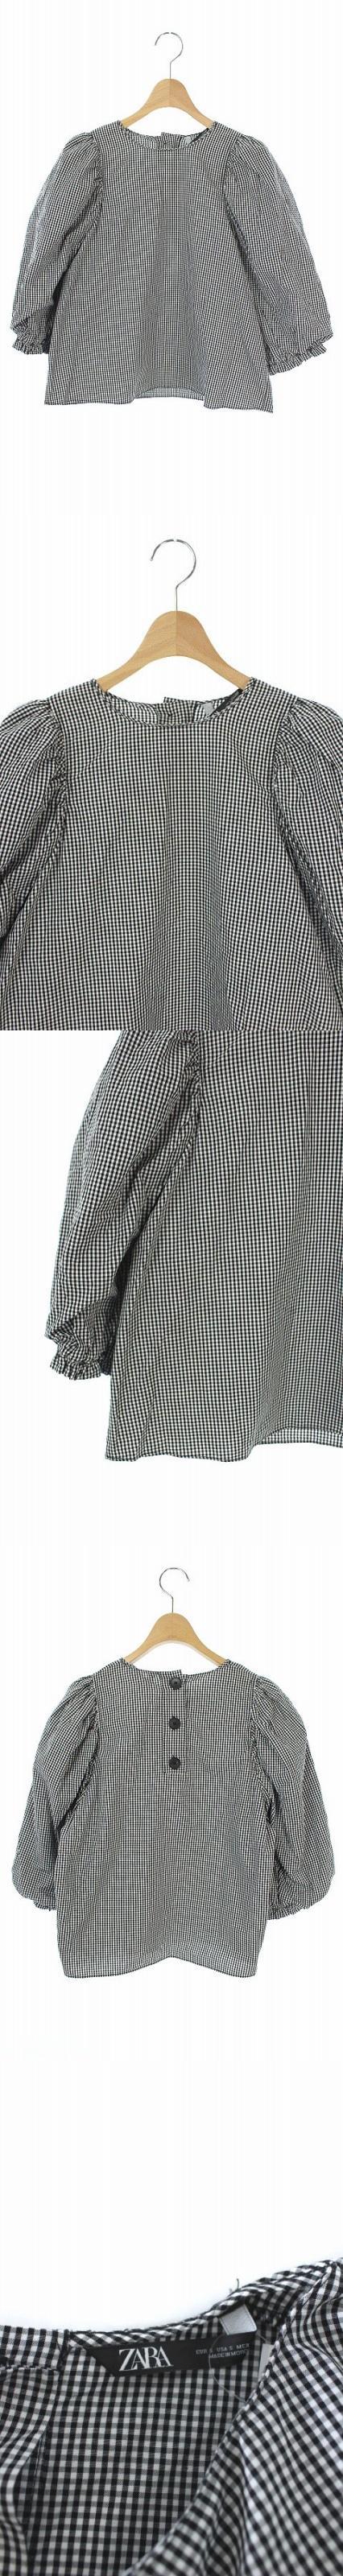 ブラウス ギンガムチェック 七分袖 S 黒 白 /KN ■OS